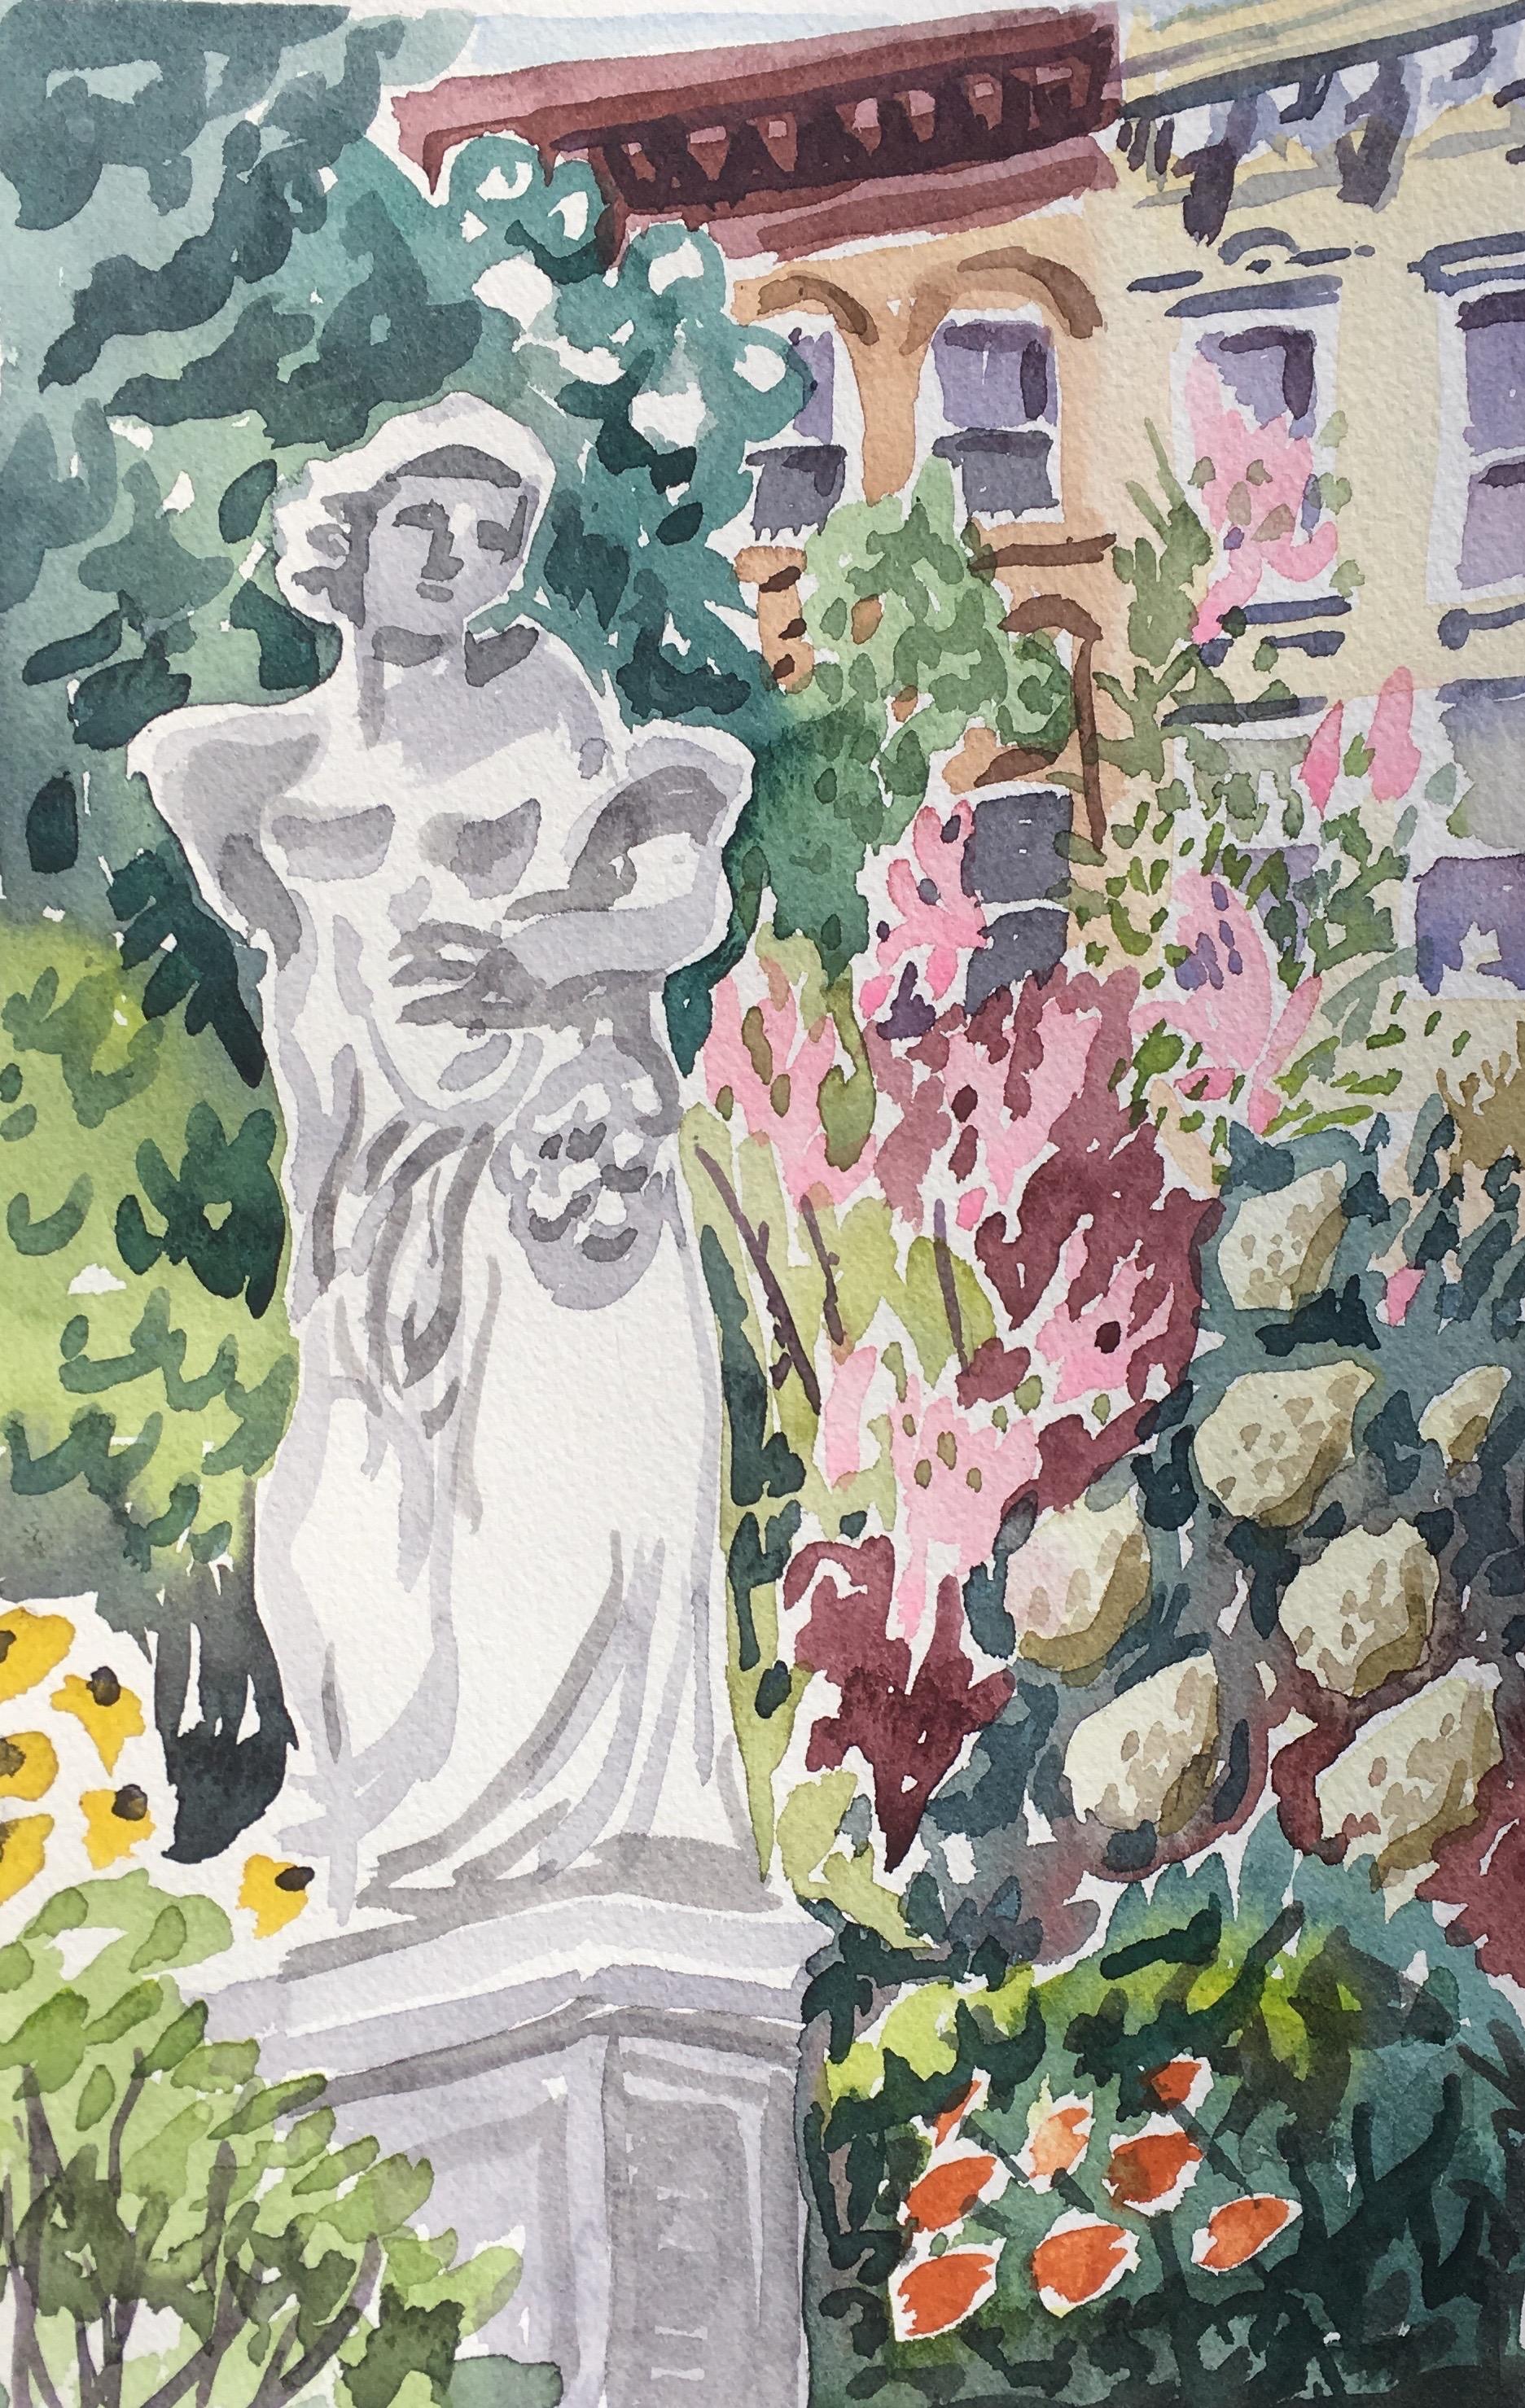 Garden Statue, 2019